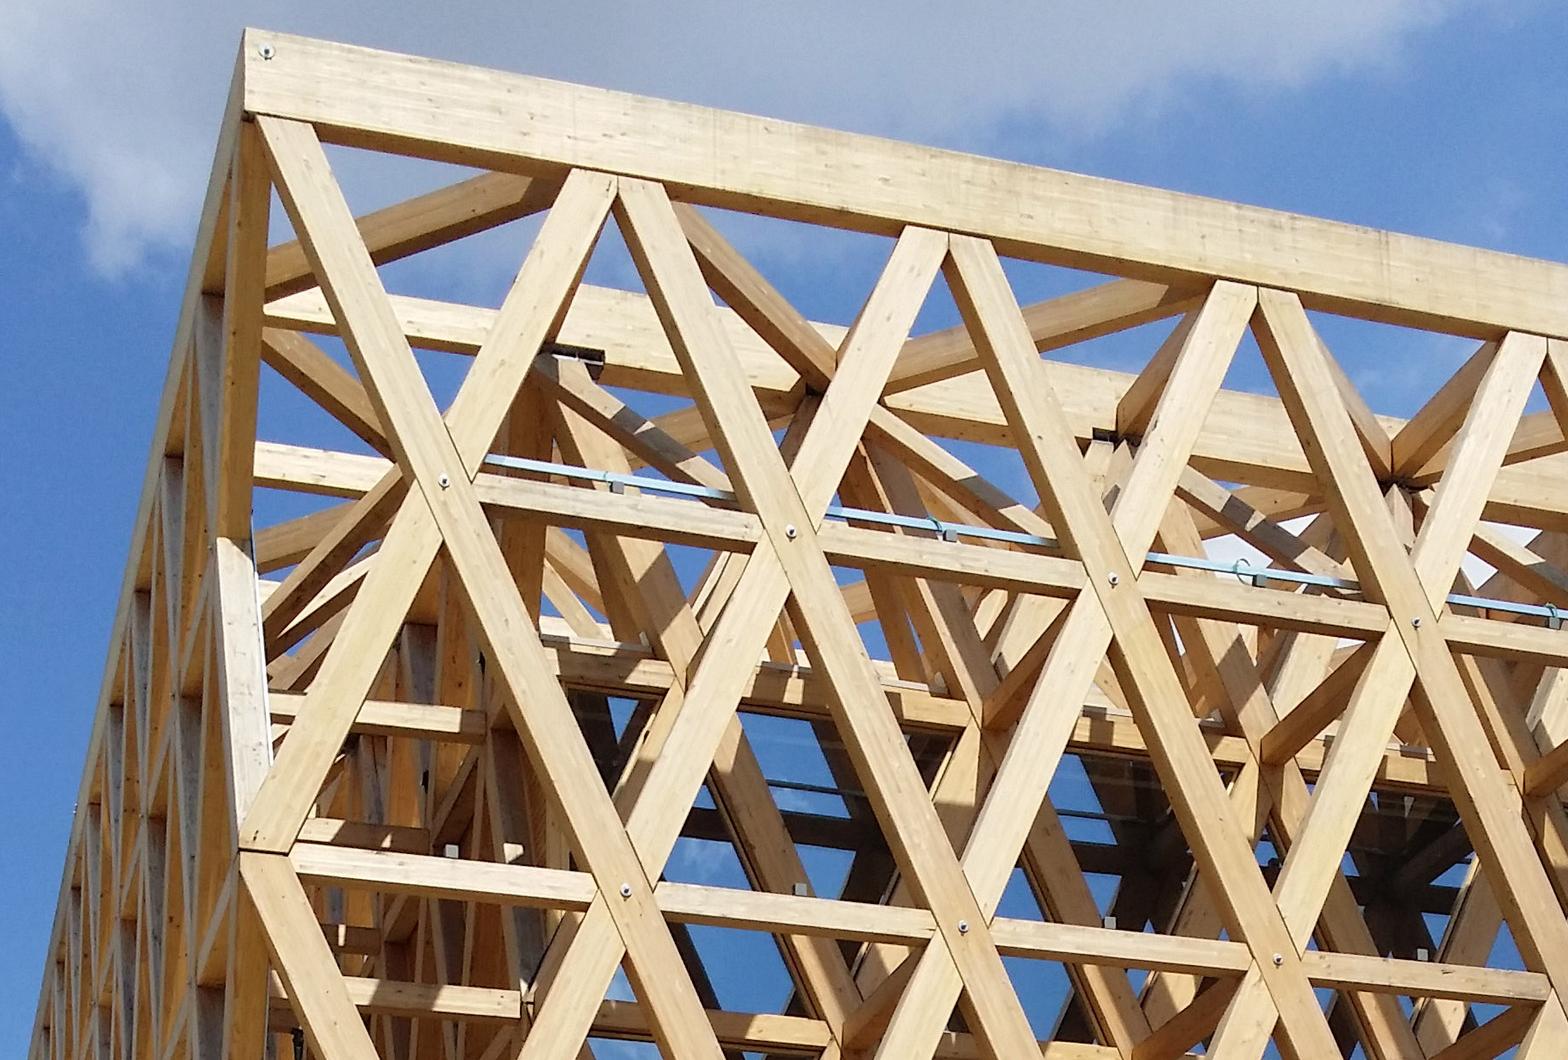 Materiales madera laminada y su aplicaci n en la - Estructura madera laminada ...